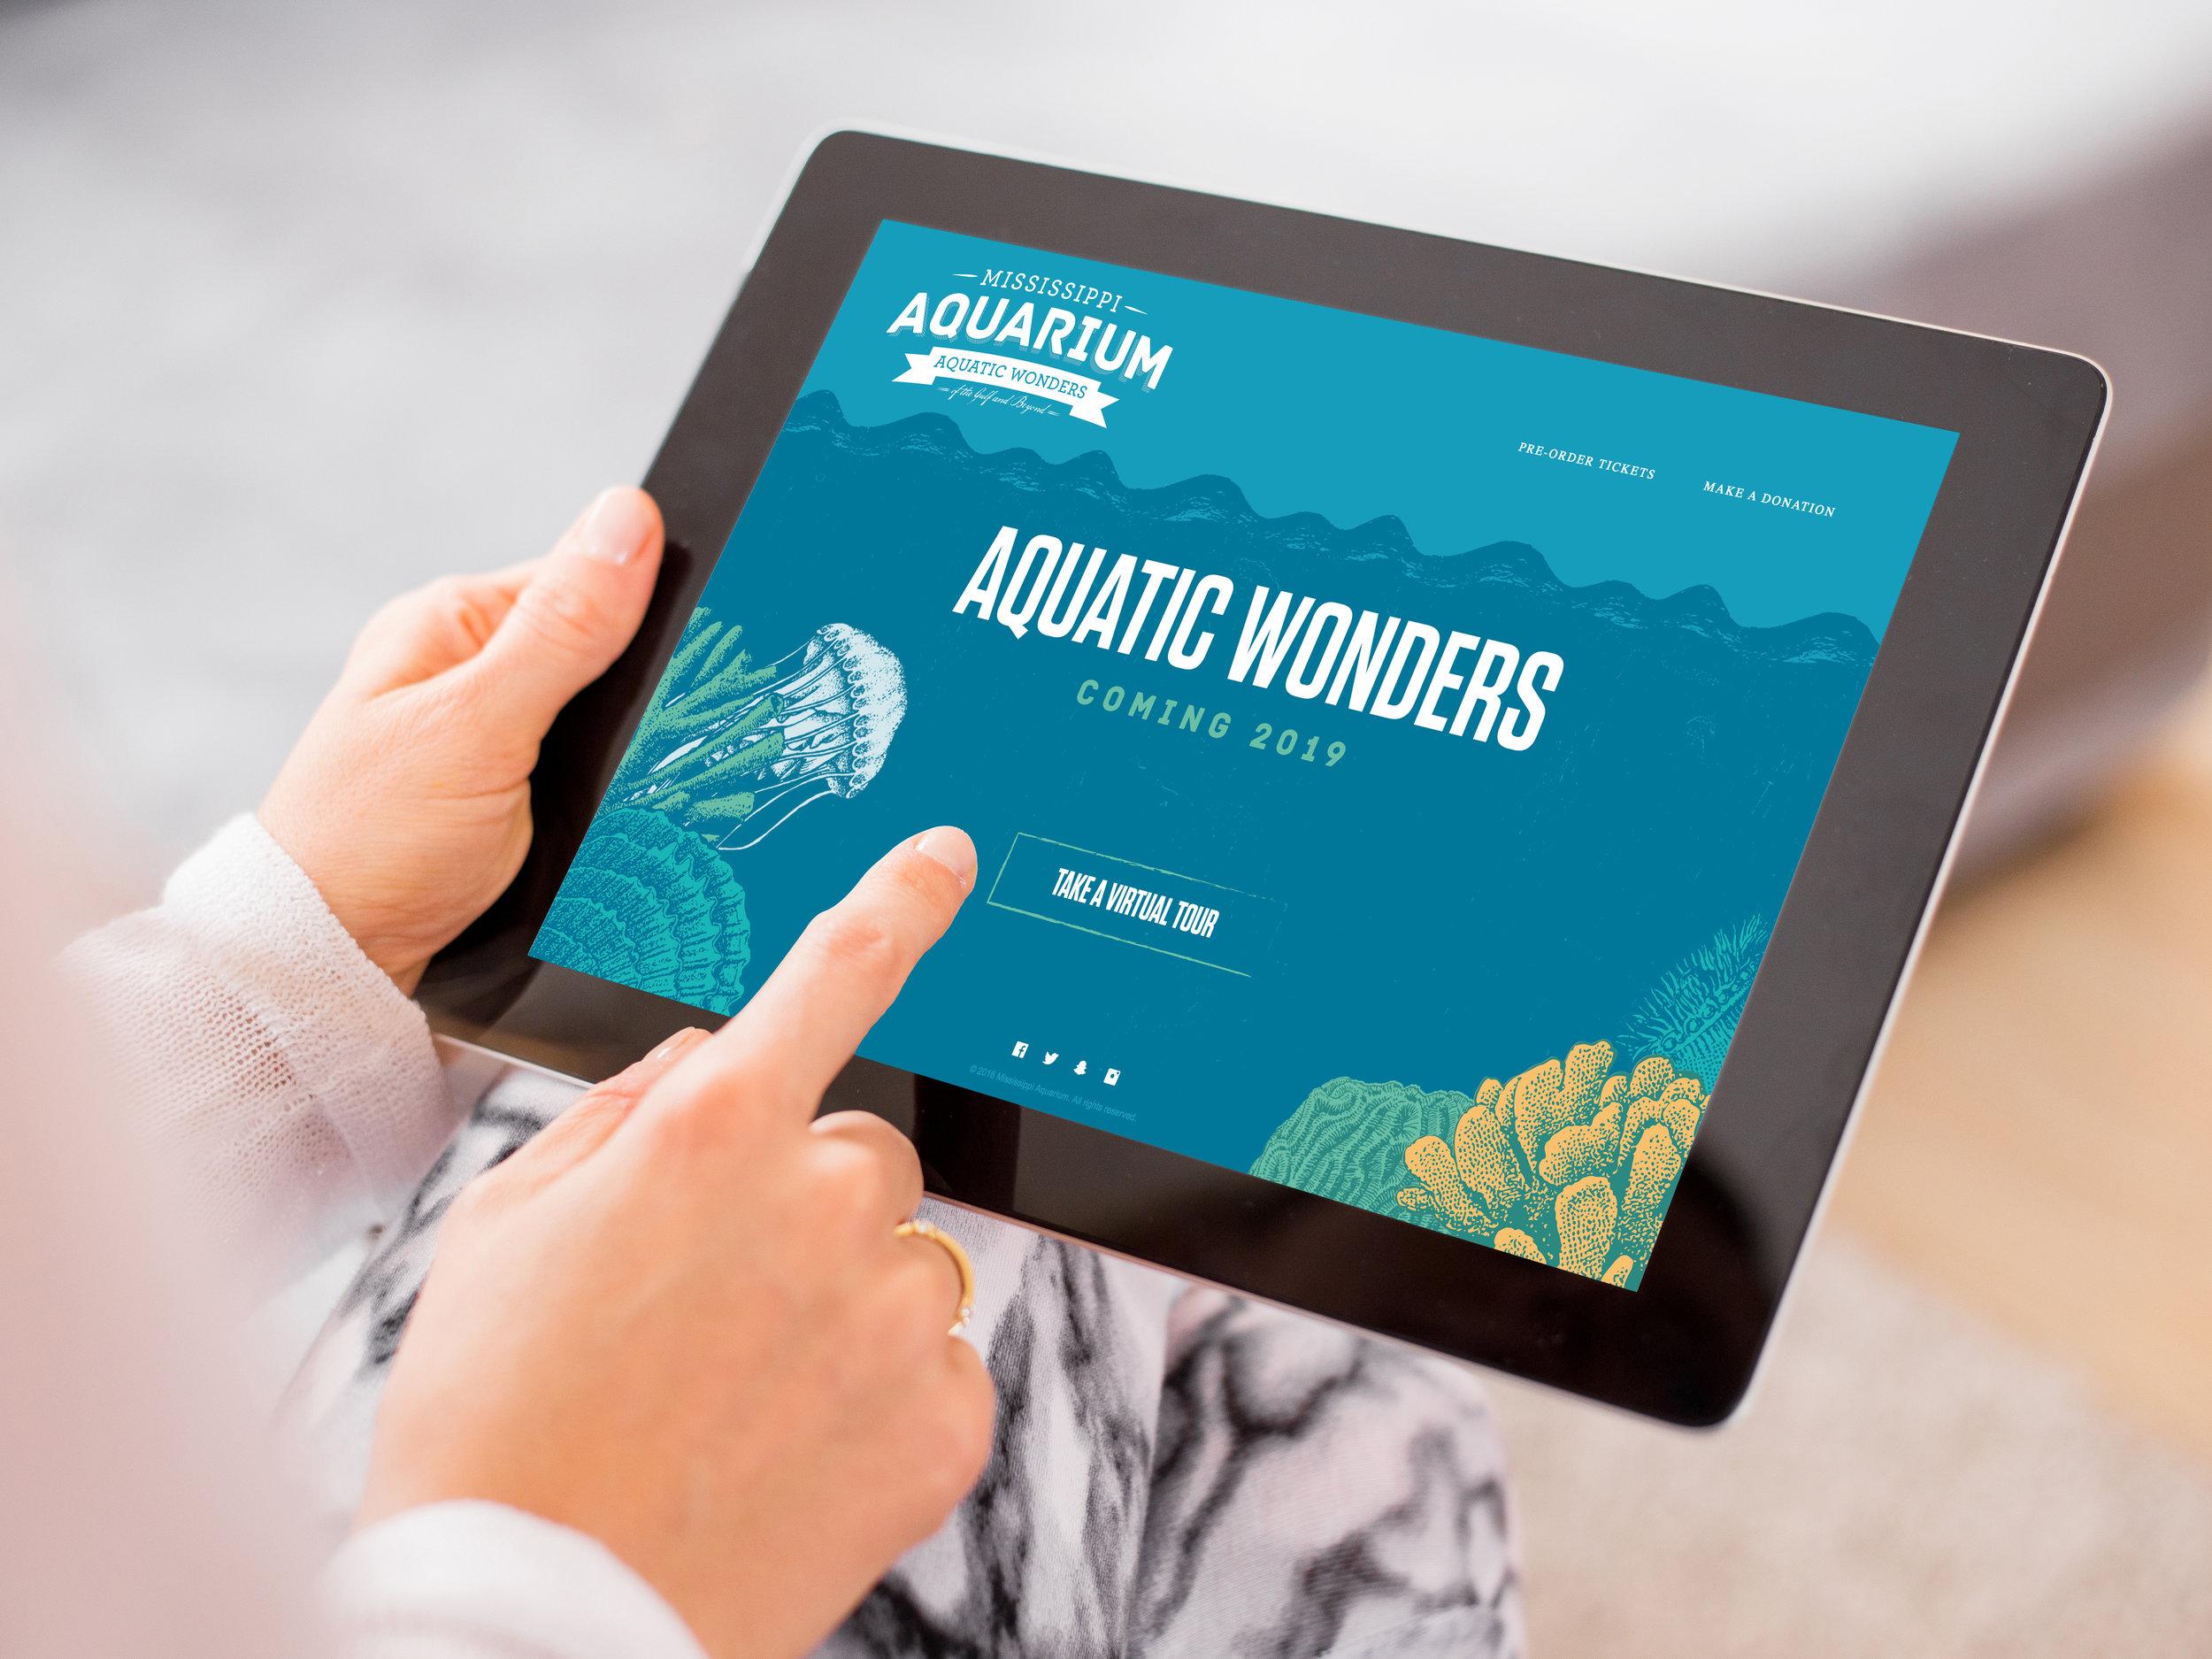 Mississippi Aquarium -